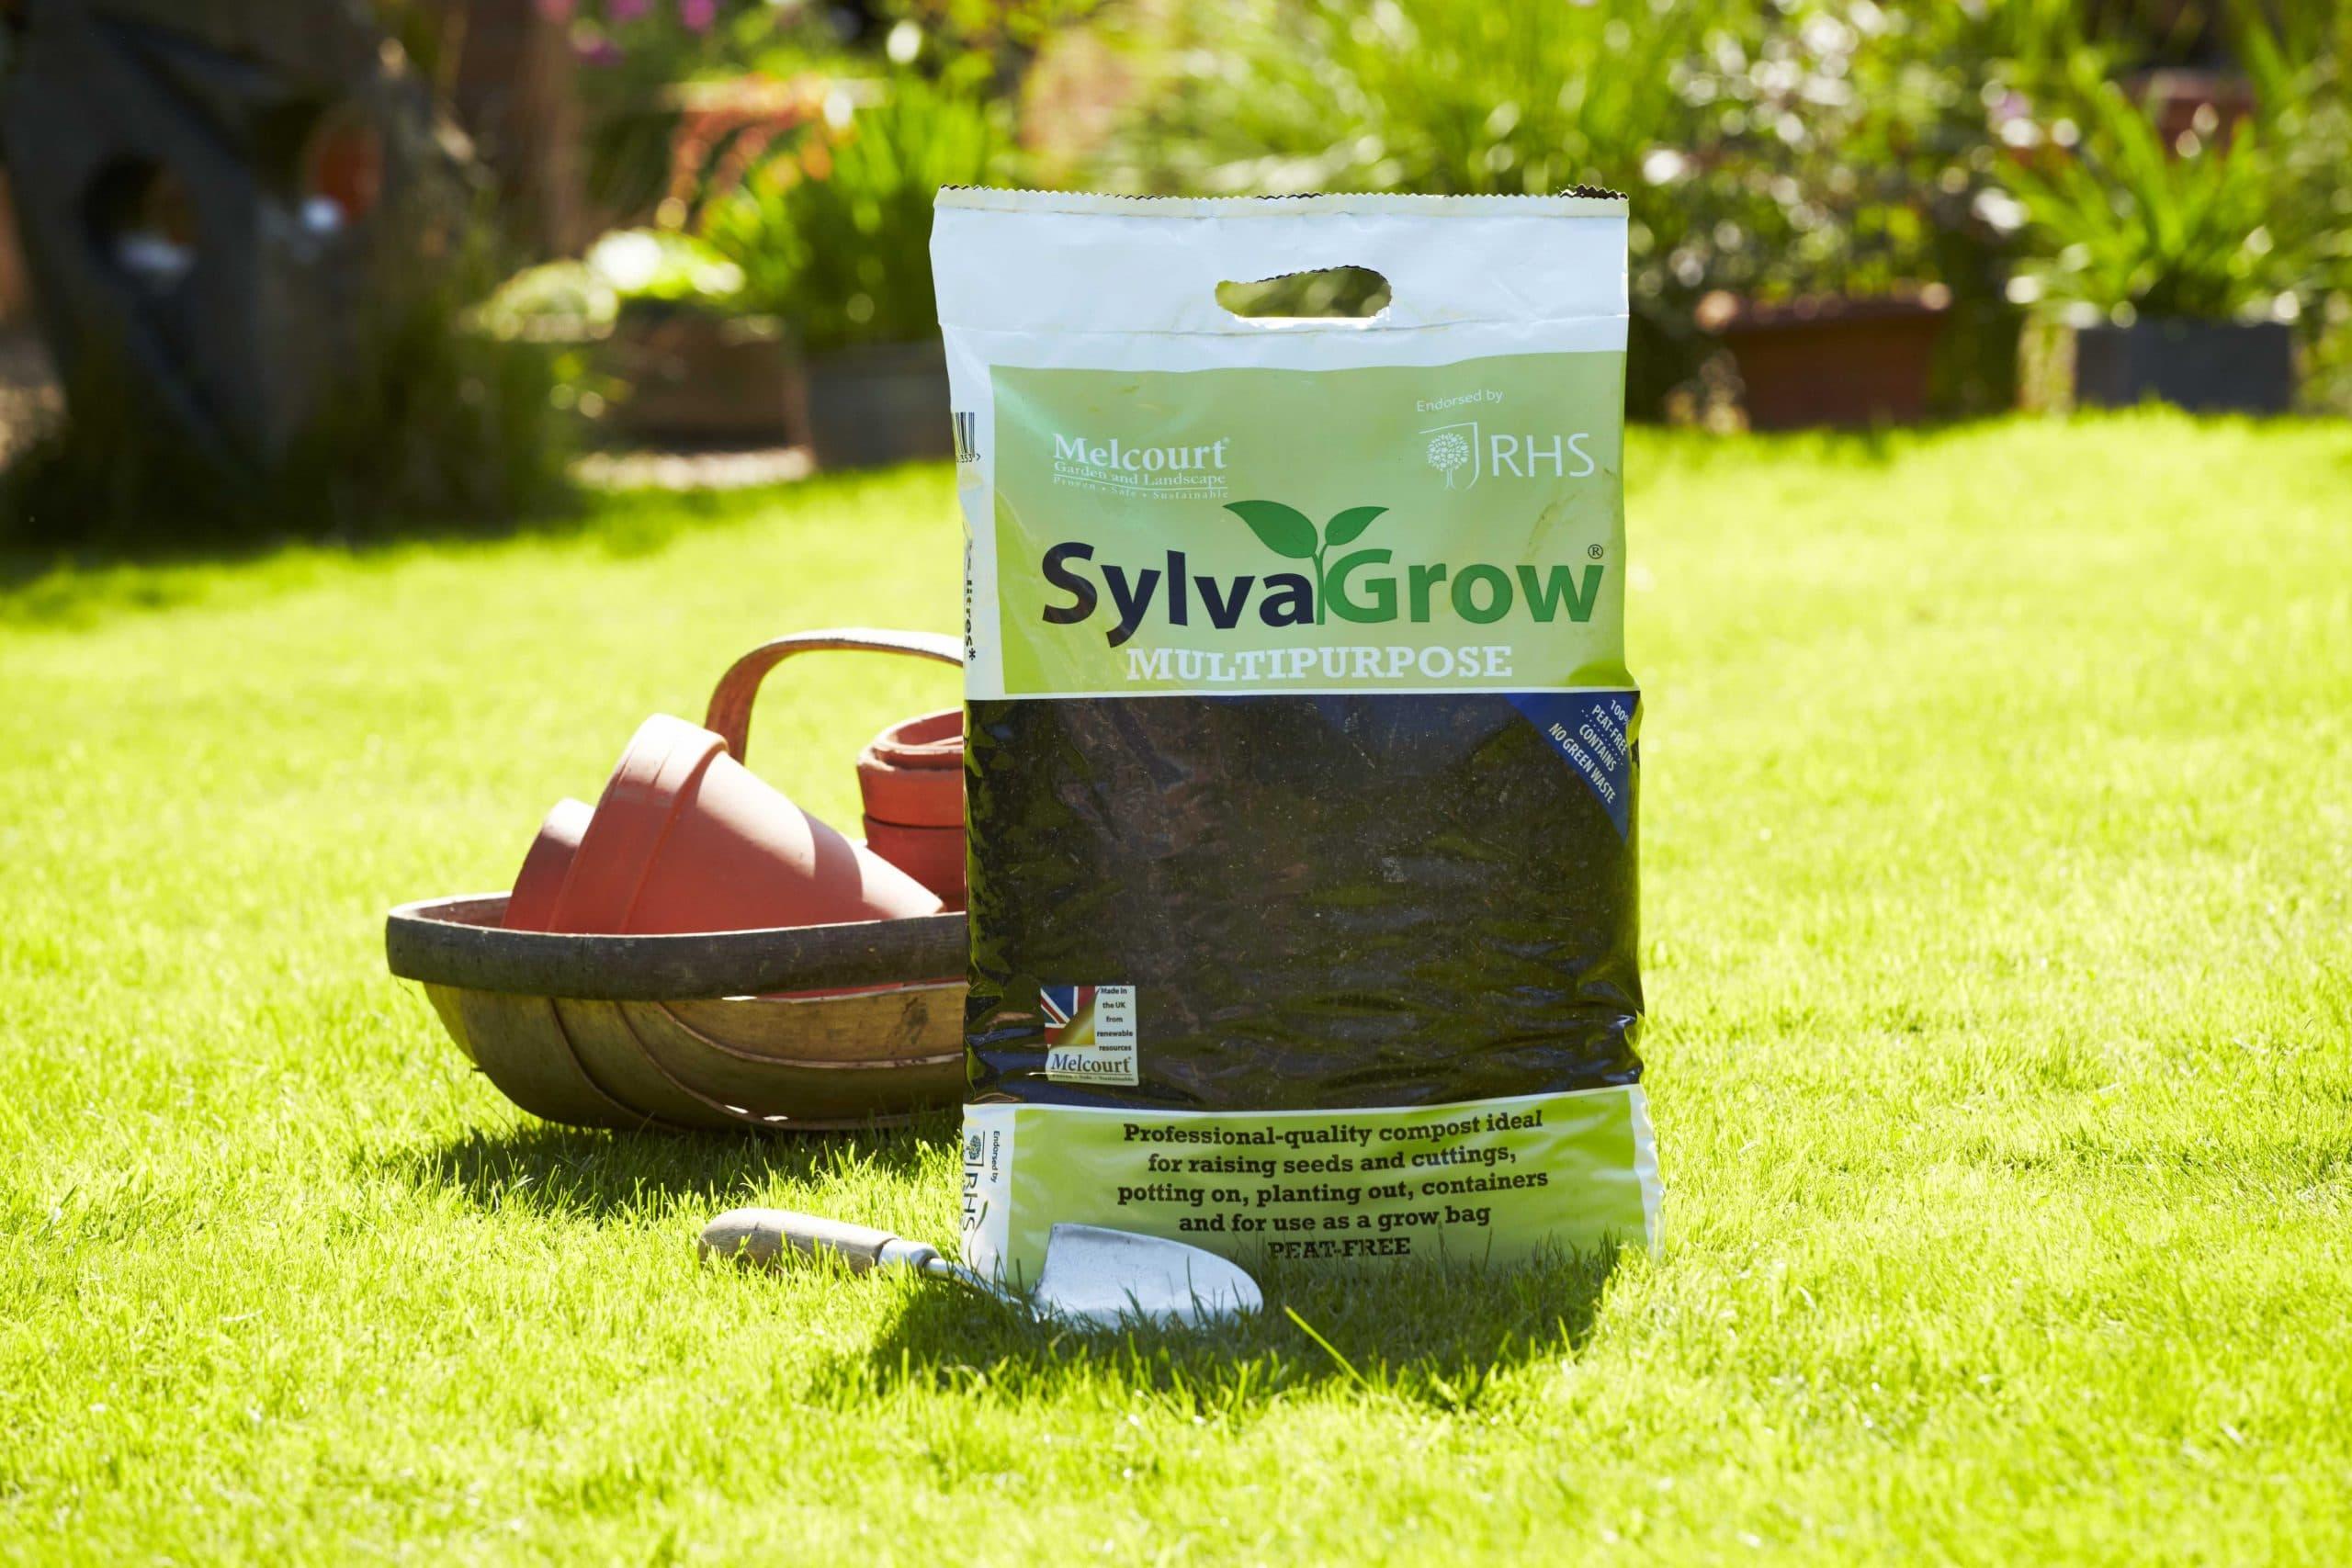 SylvaGrow Multi-Purpose